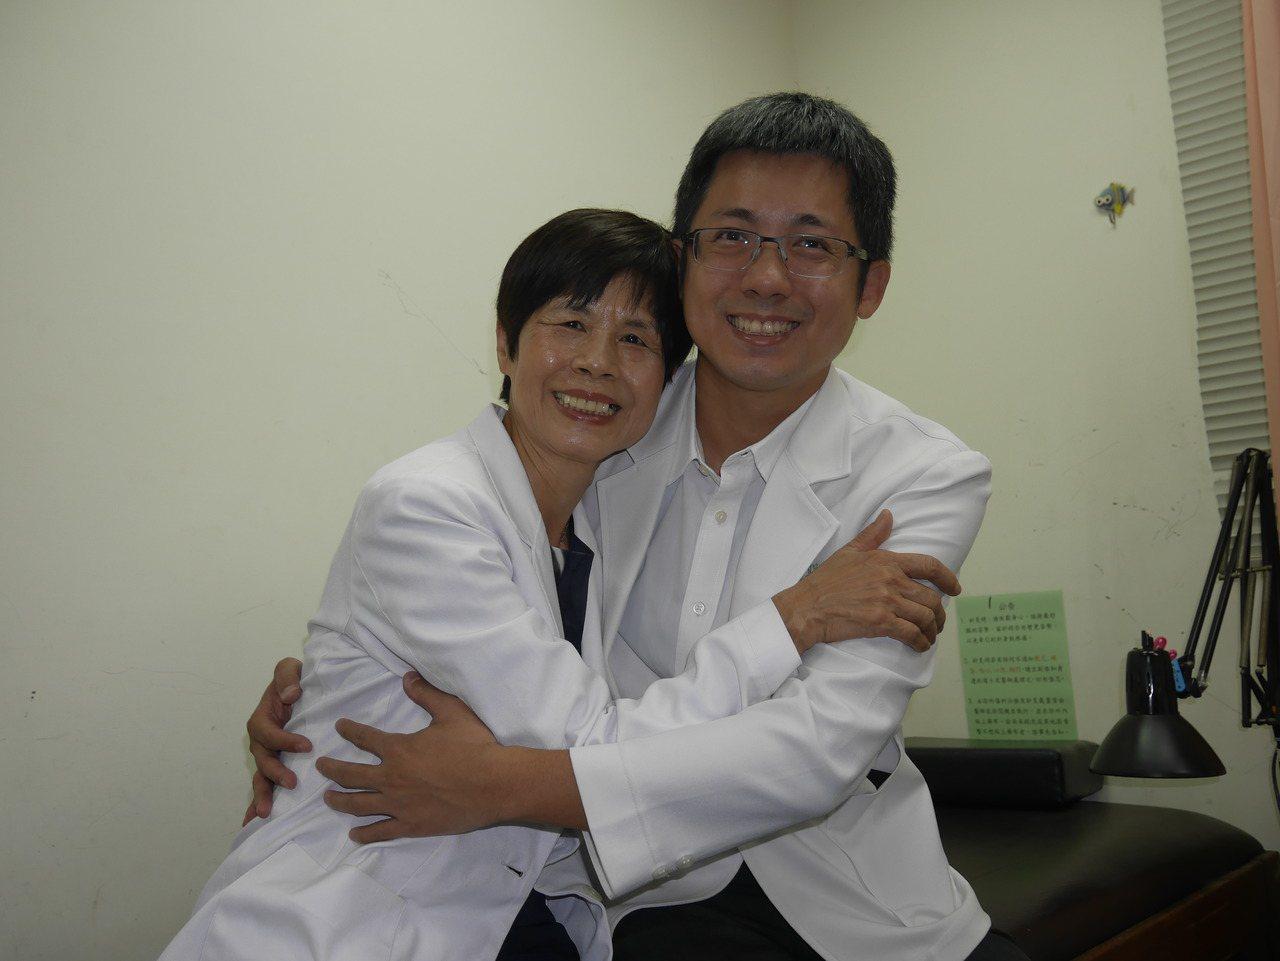 当年那个瘦弱儿子吴宏一,台大机械系毕业后,不当工程师,去考严格的国家考试成为中医...